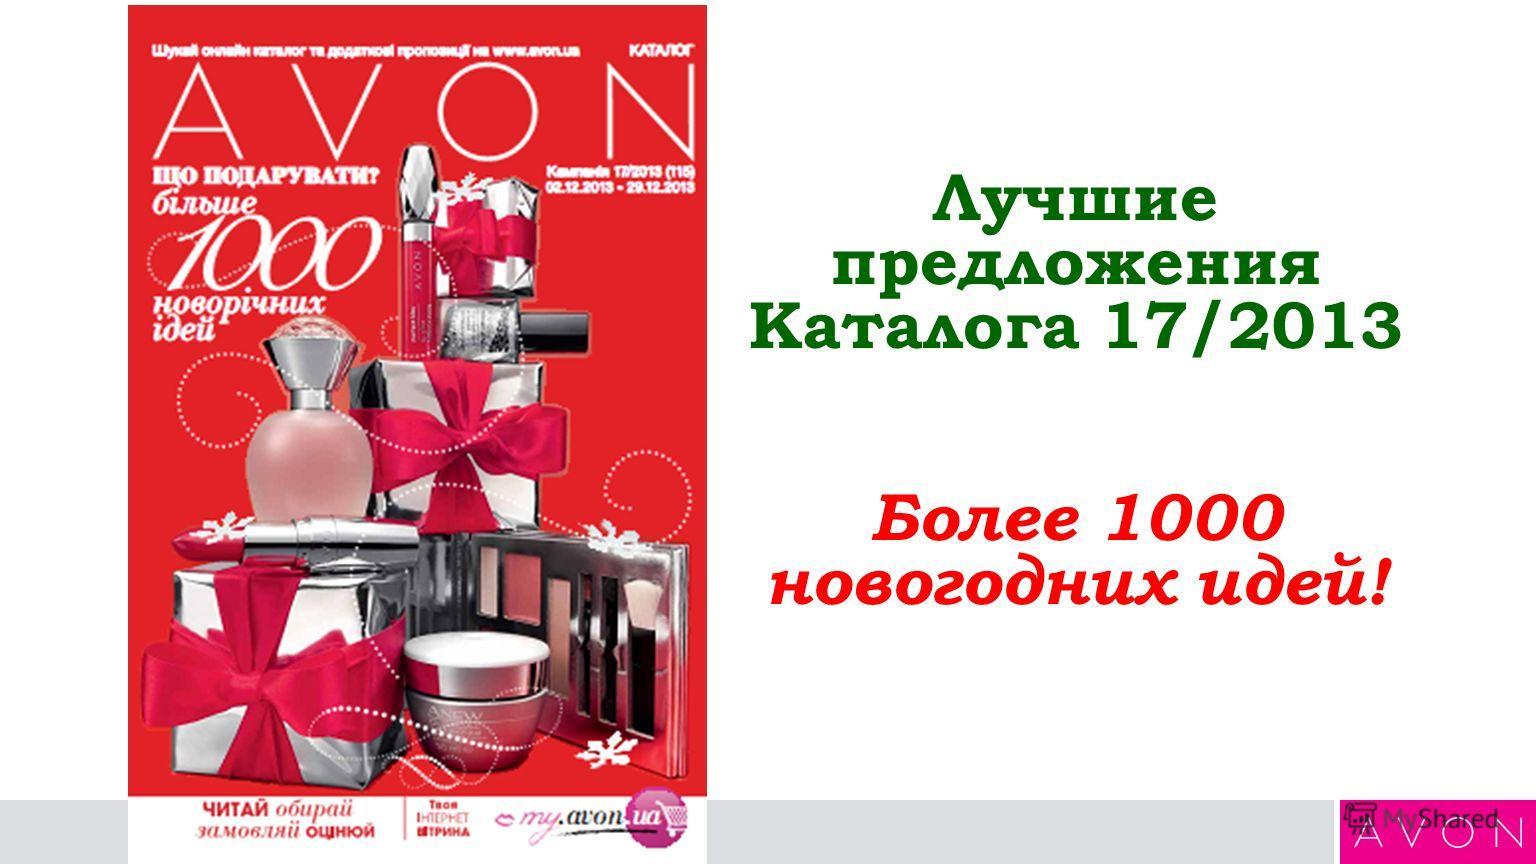 Лучшие предложения Каталога 17/2013 Более 1000 новогодних идей!